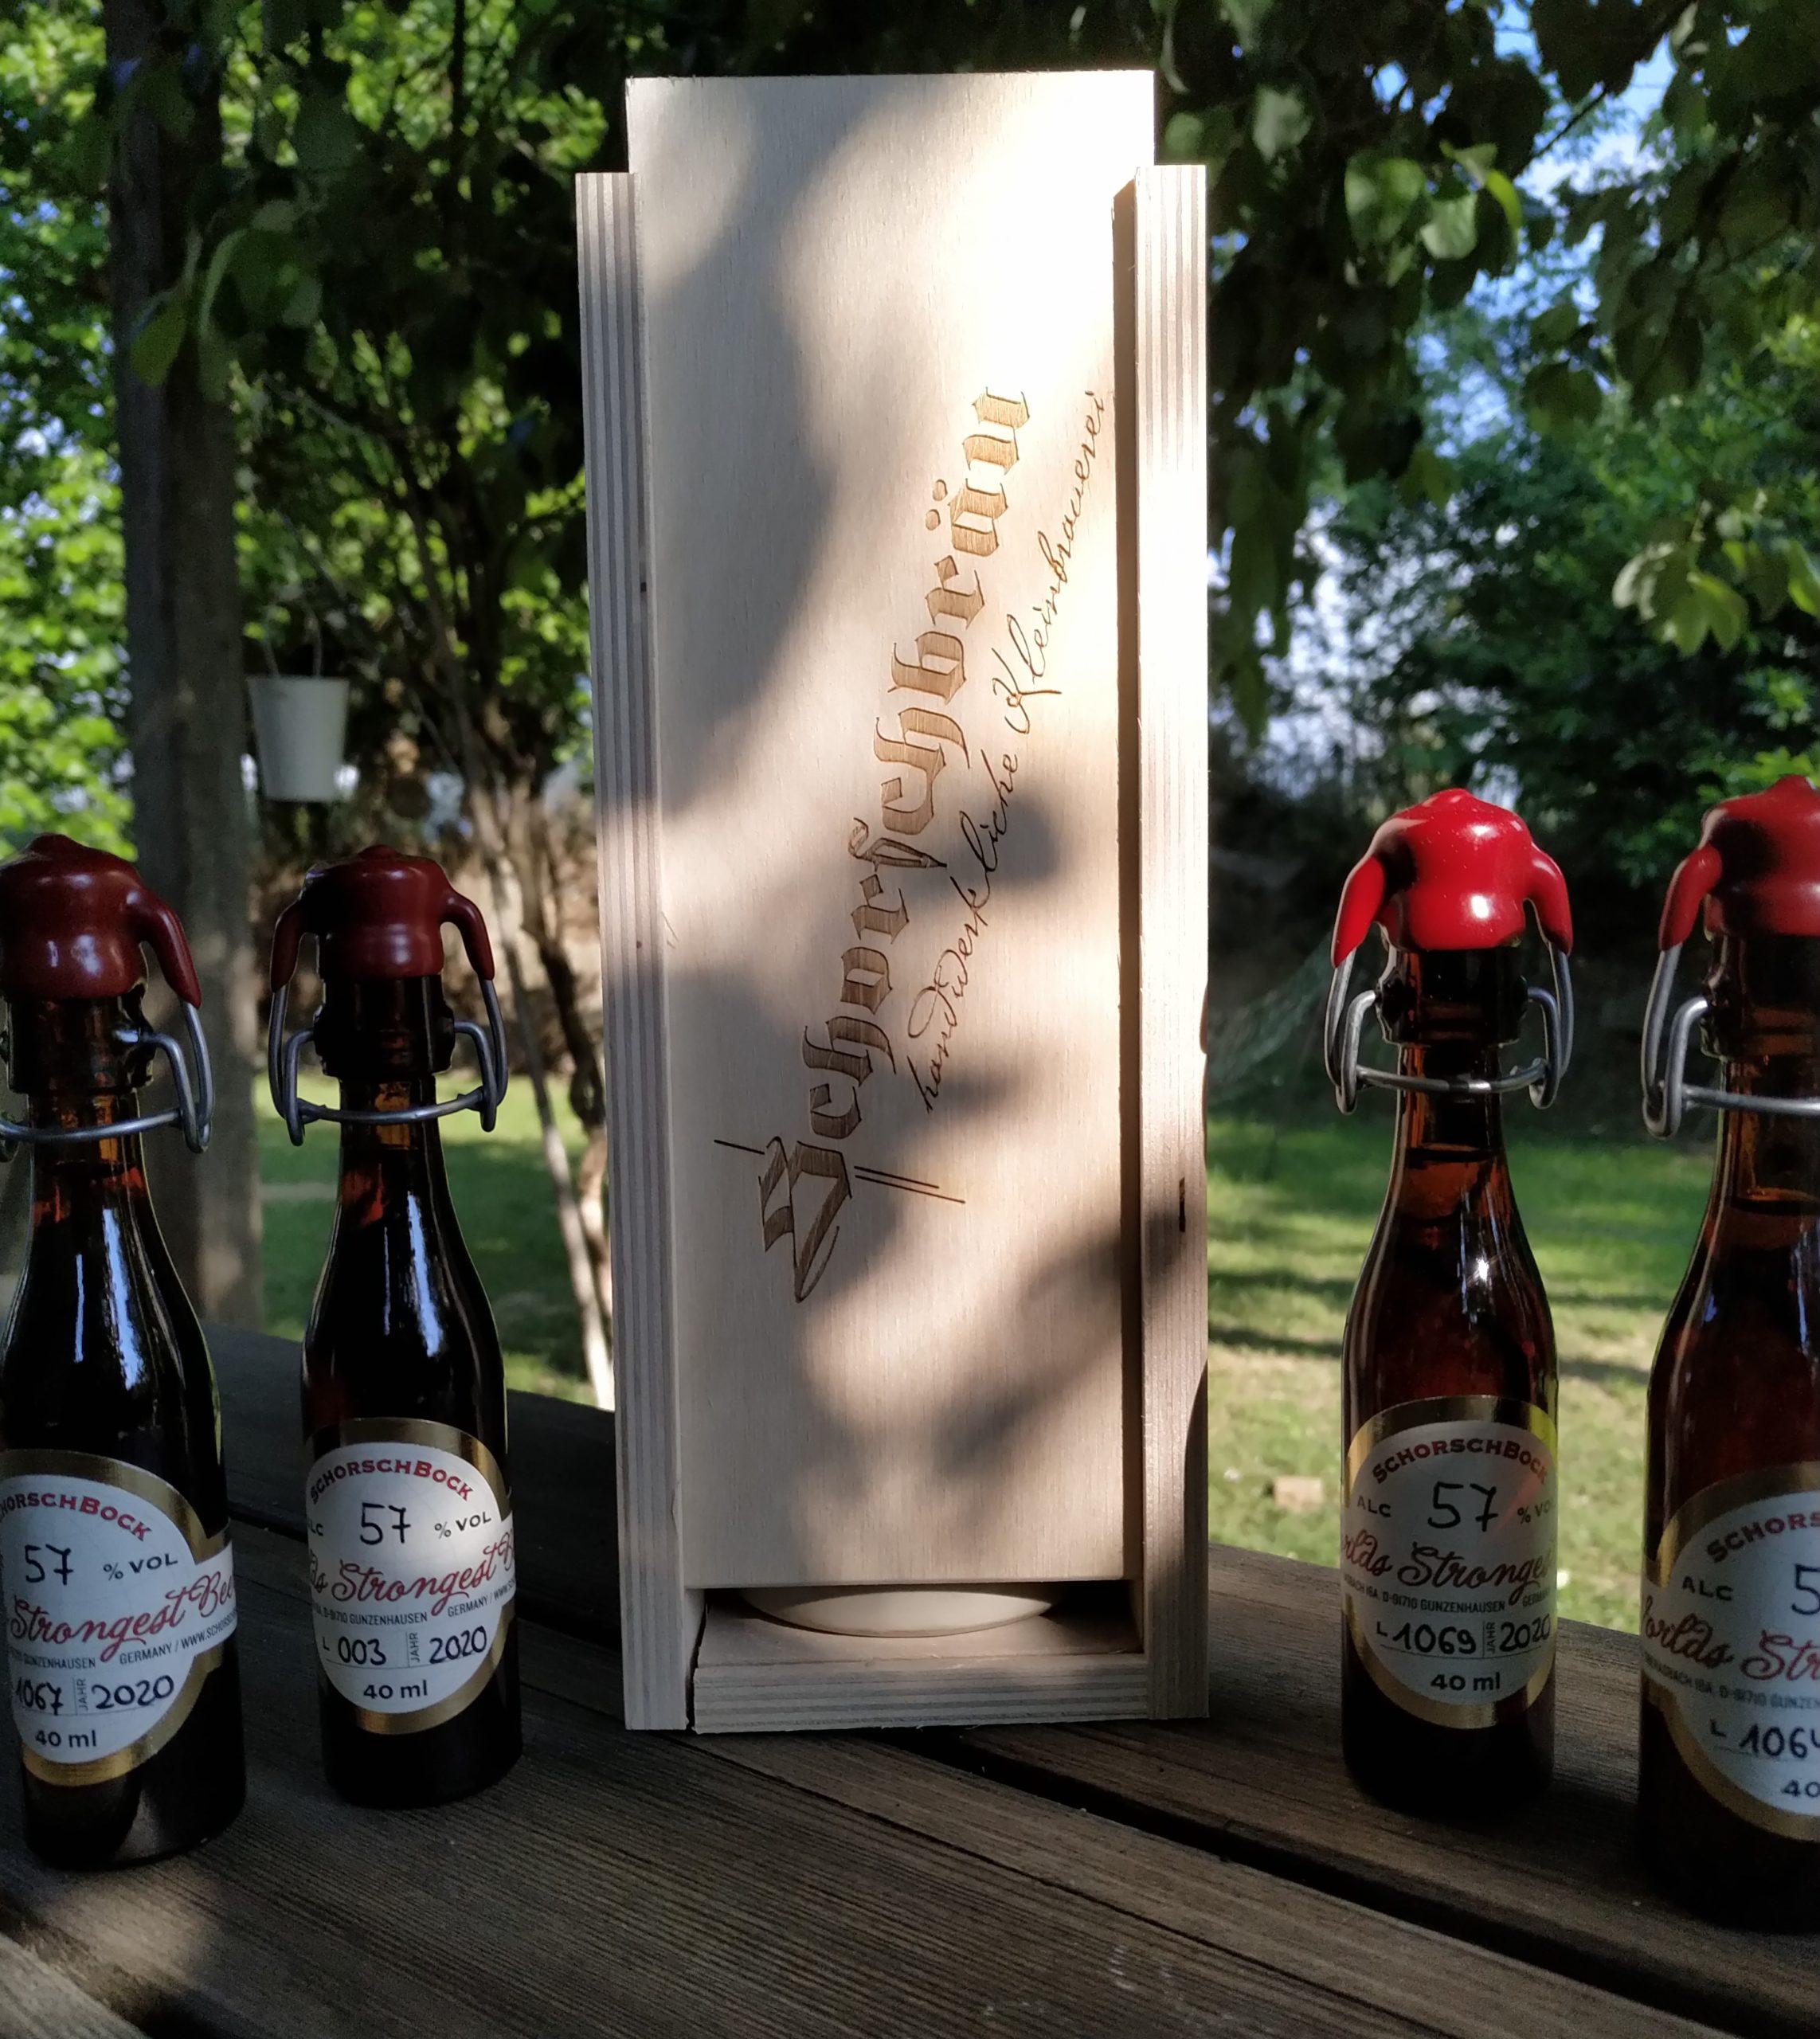 Schorschbock 57% world strongest beer